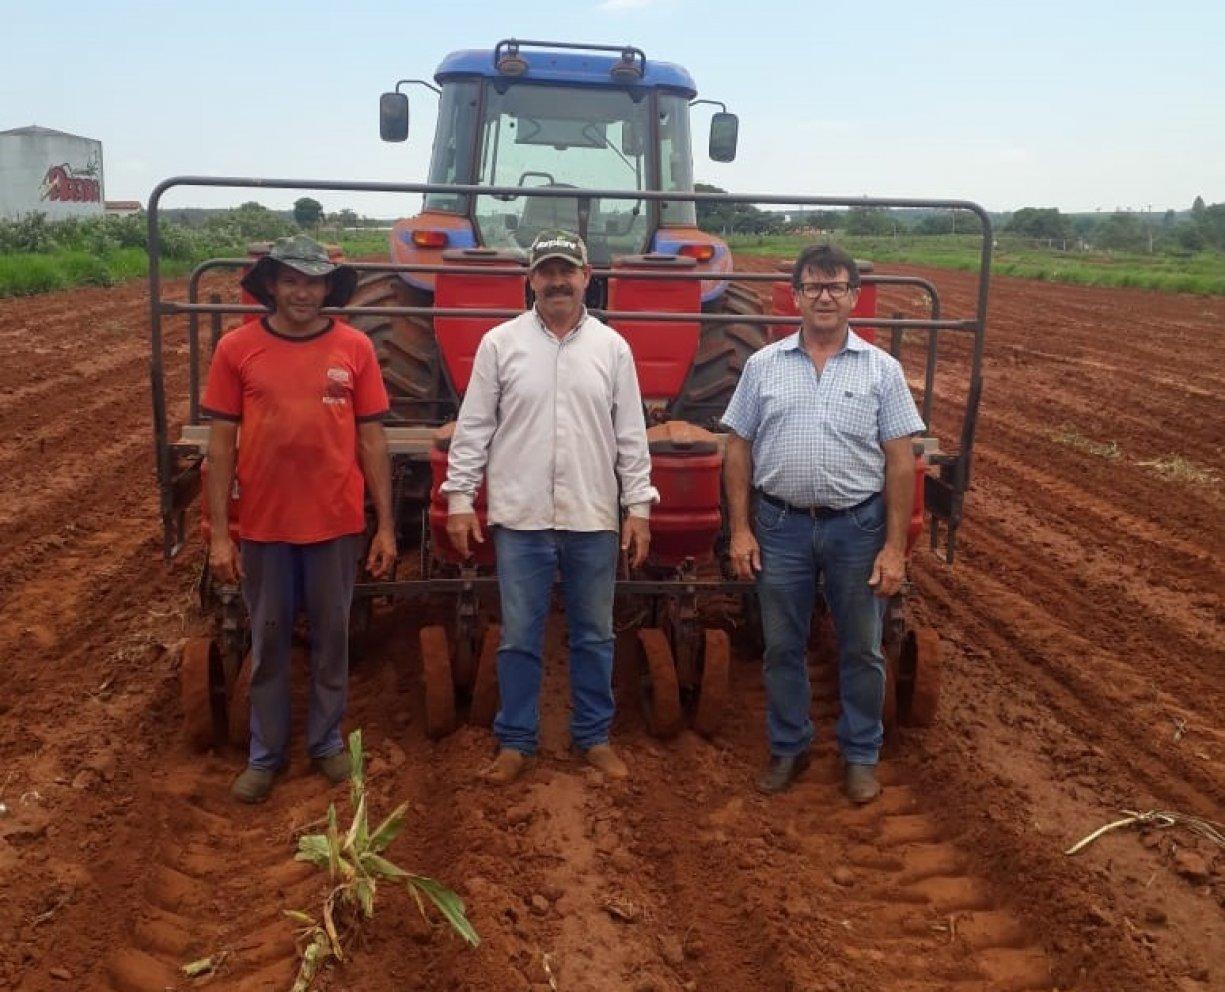 Secretaria de Agricultura de Tanabi vem desenvolvendo um importante trabalho junto aos pequenos e médios produtores rurais do município